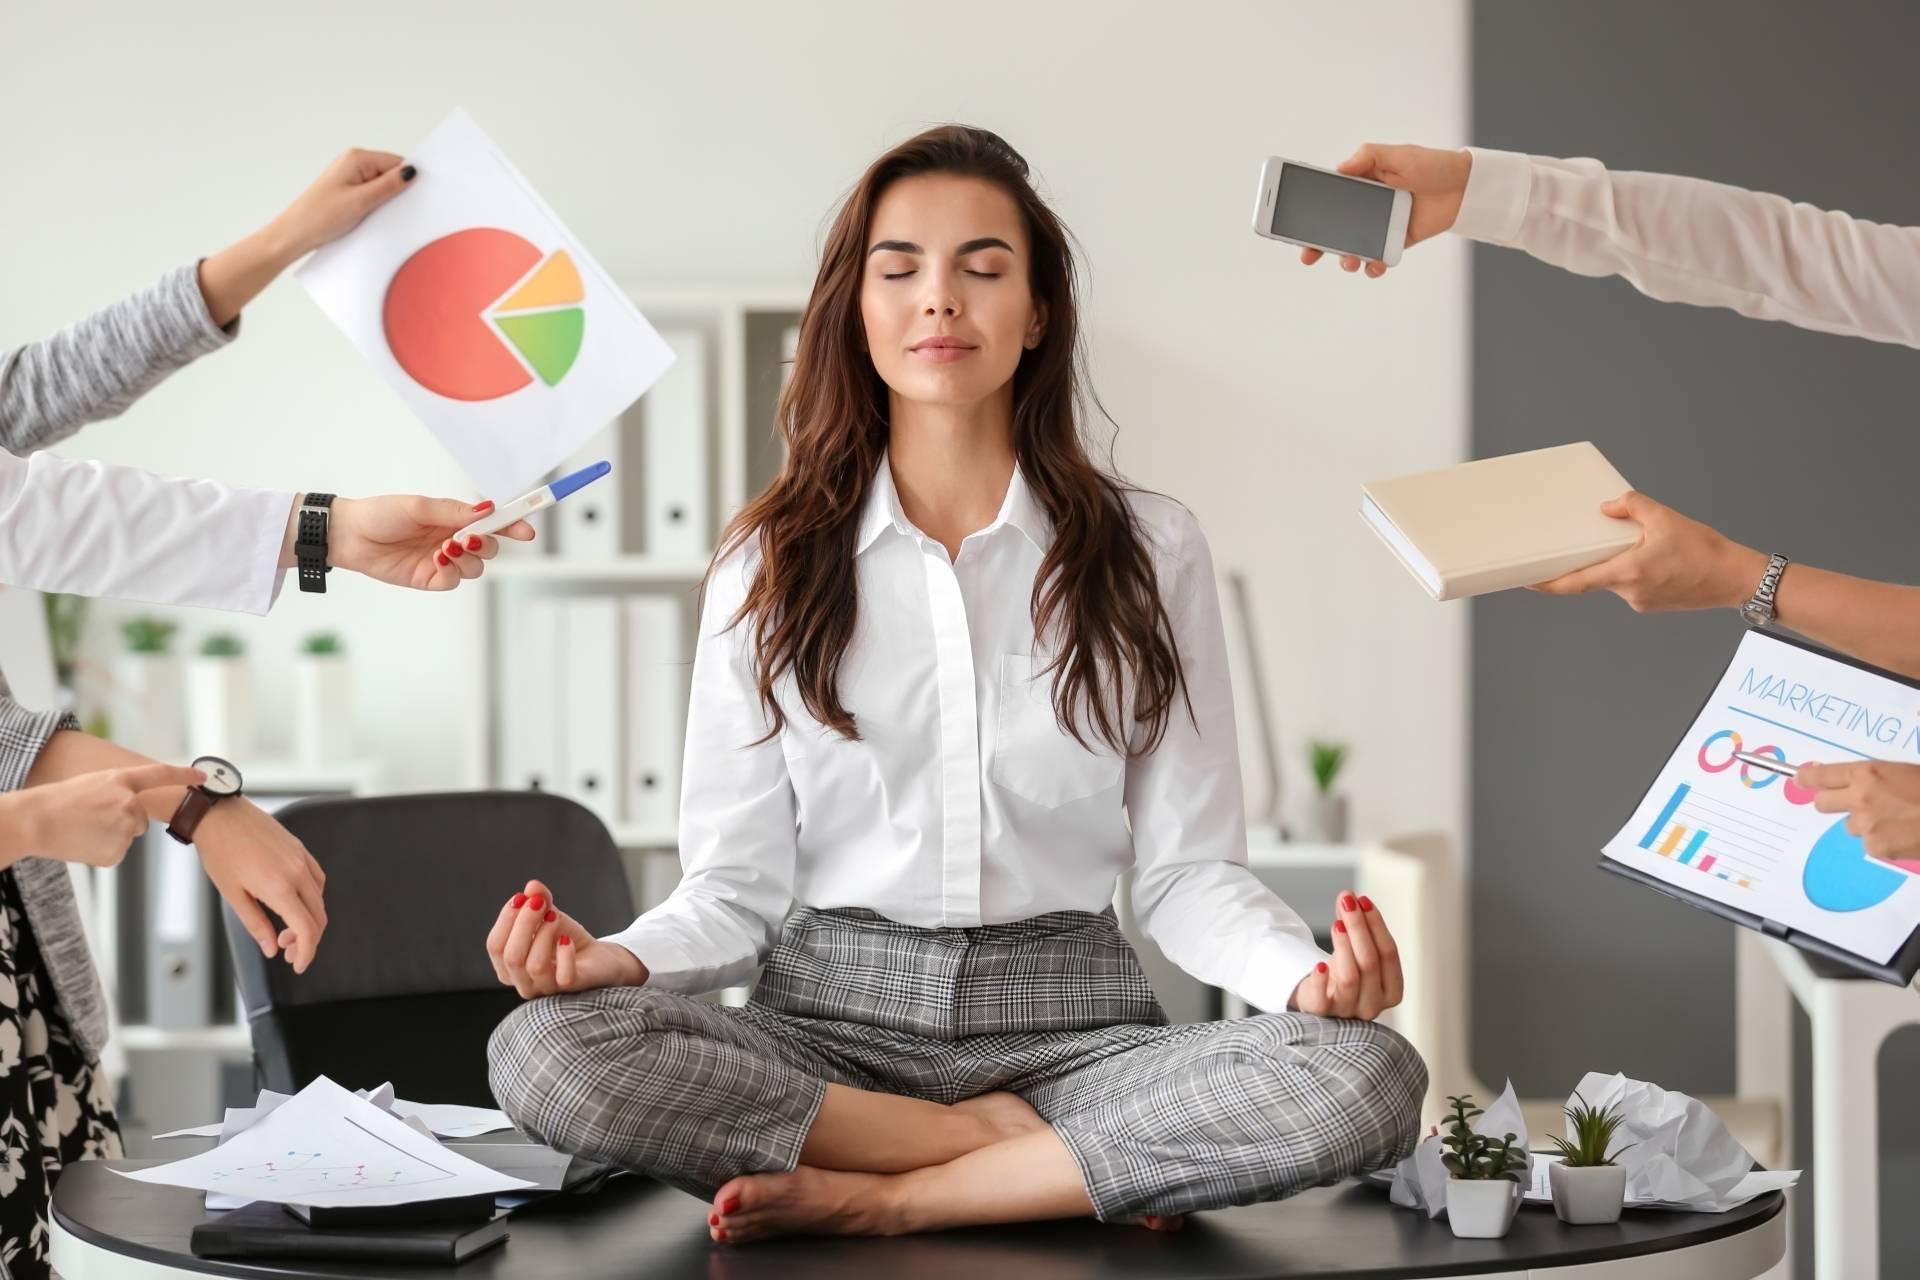 Work-life balance - jak go odnaleźć? Młoda kobieta, pracowniczka korporacji, ubrana w białą koszulę i szare materiałowe spodnie siedzi na biurku, medytuje. Pozostali pracownicy wyciągają w jej stronę ręce z notatkami i rzeczami do zrobienia.